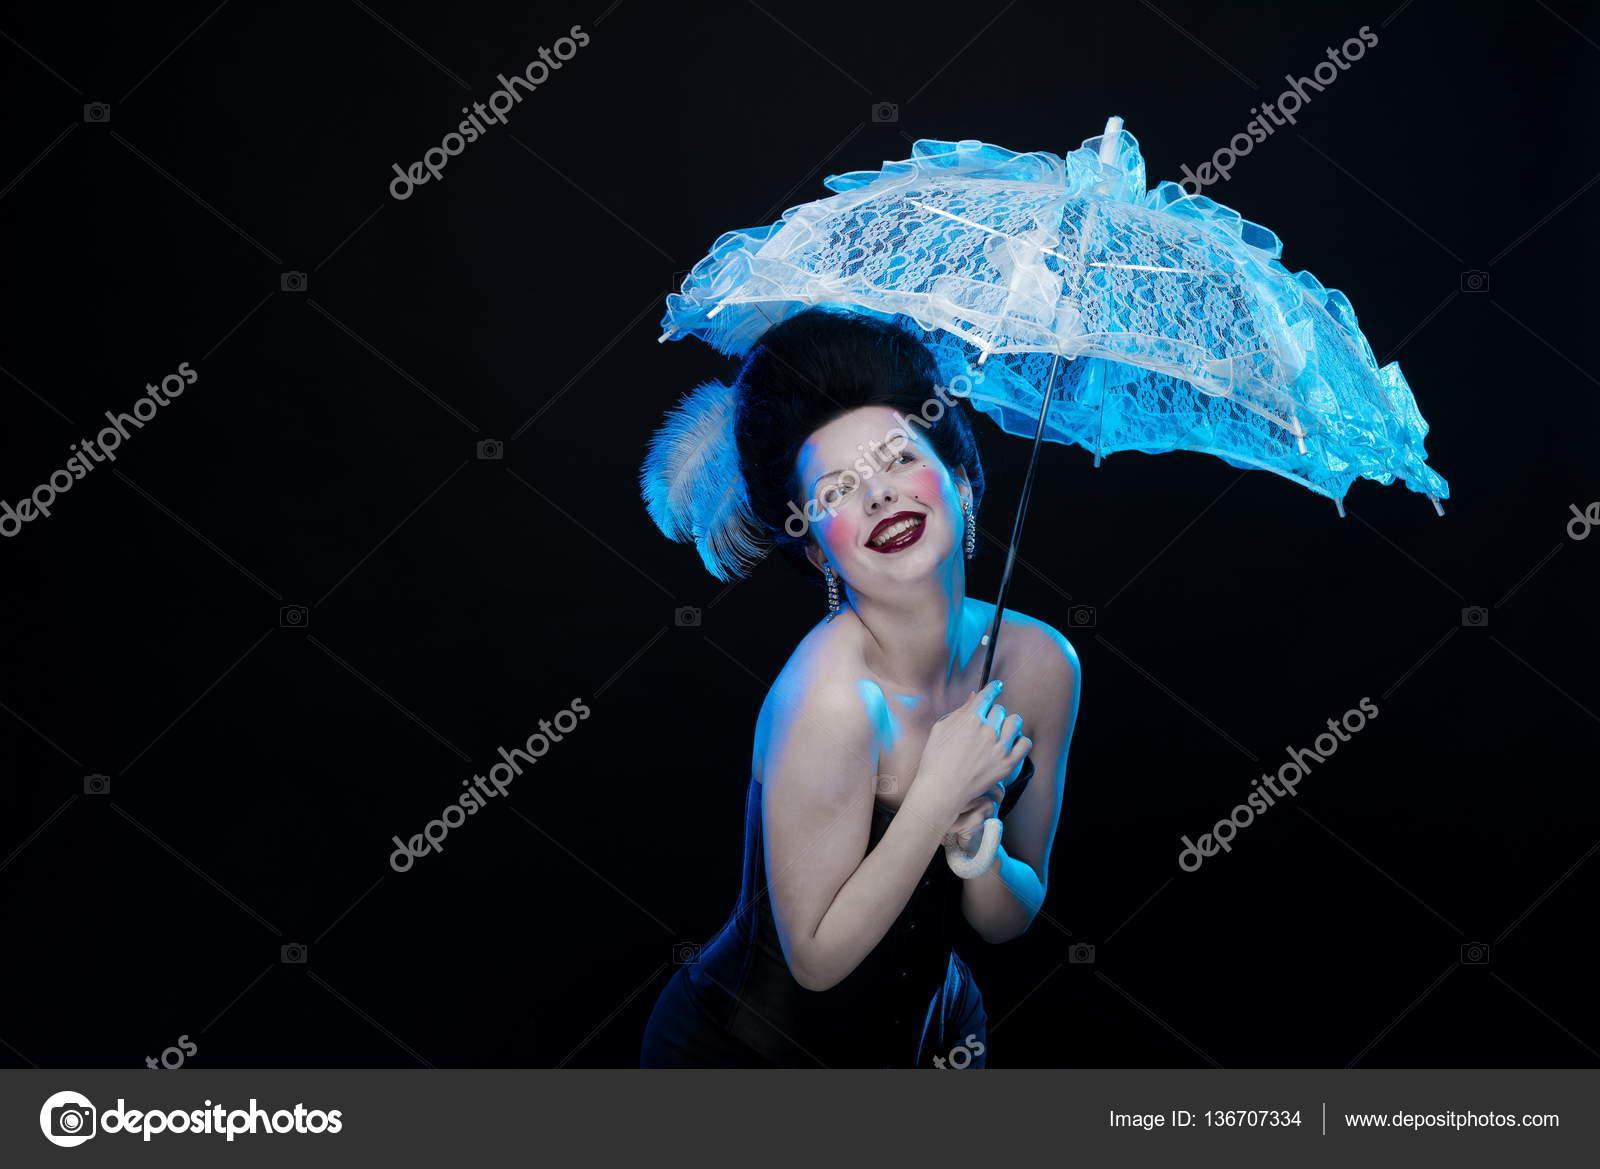 13 июл 2017. Украинская певица и победительница евровидения-2016 джамала пошла на летний эксперимент и перекрасилась. Она оставила темные корни, а вот большую длину волос покрасила в светлый цвет. Своими визуальными изменениями артистка поделилась в своем микроблоге.